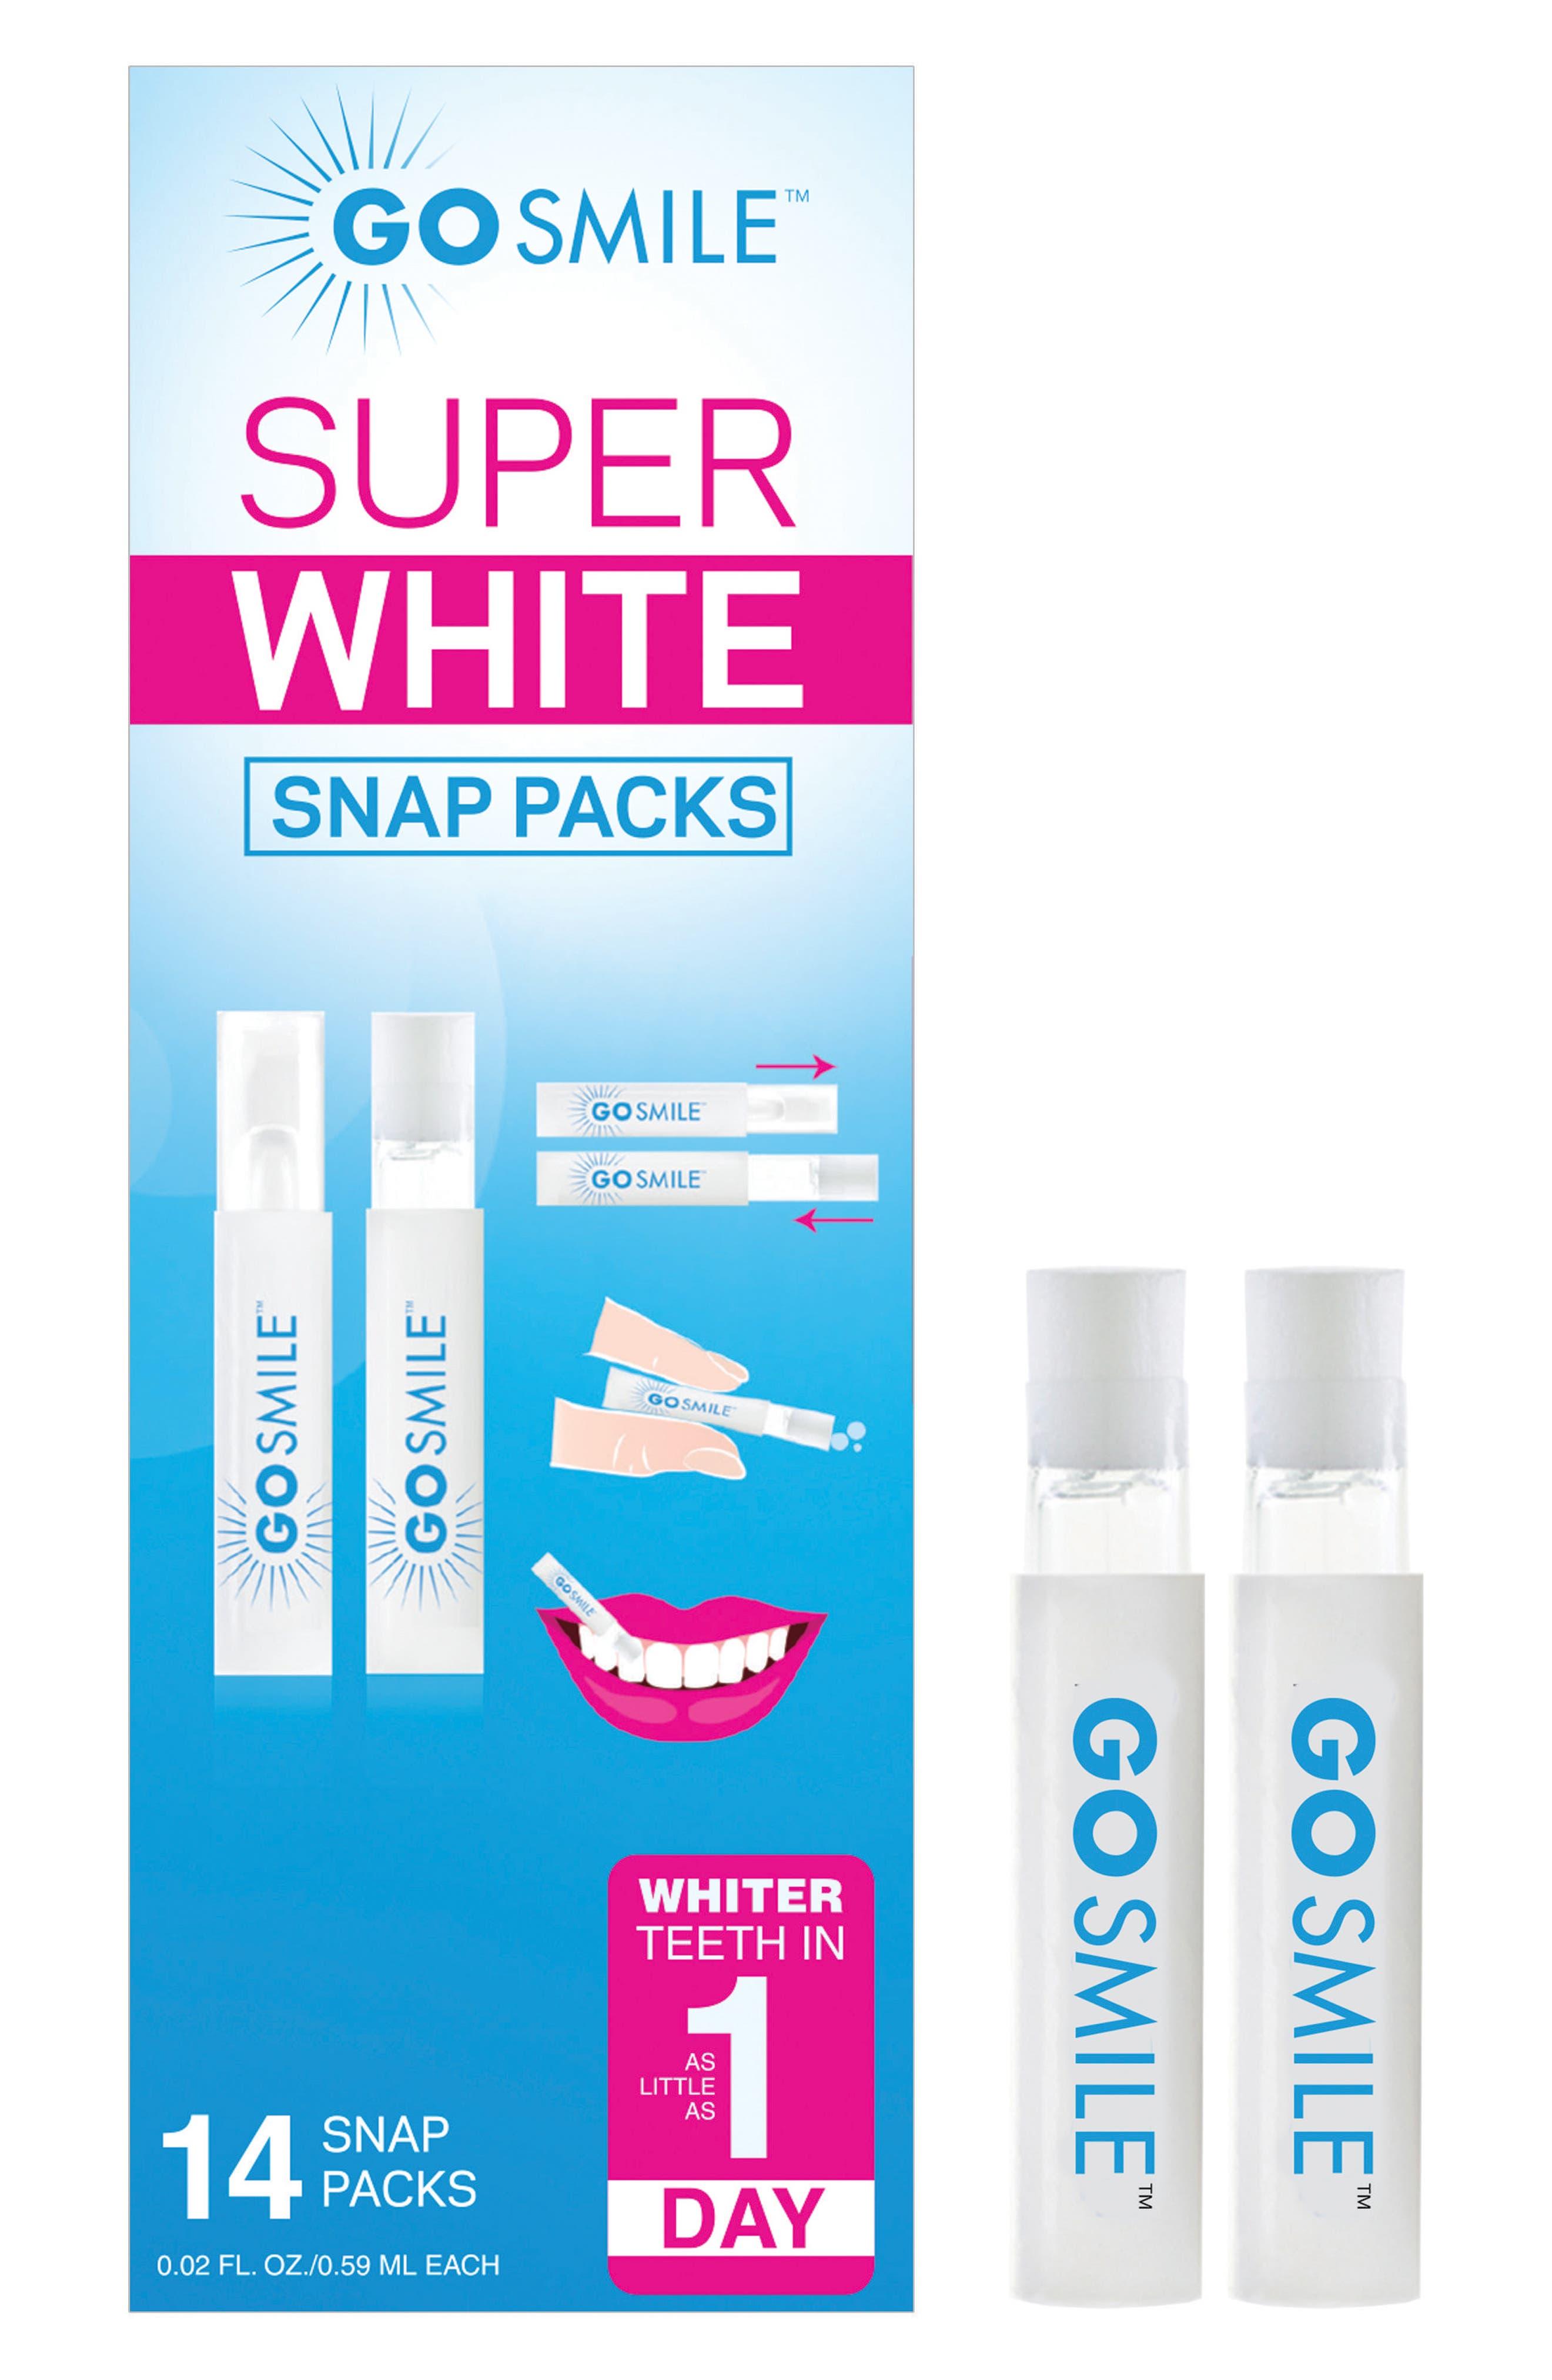 GO SMiLE® Super White Snap Packs